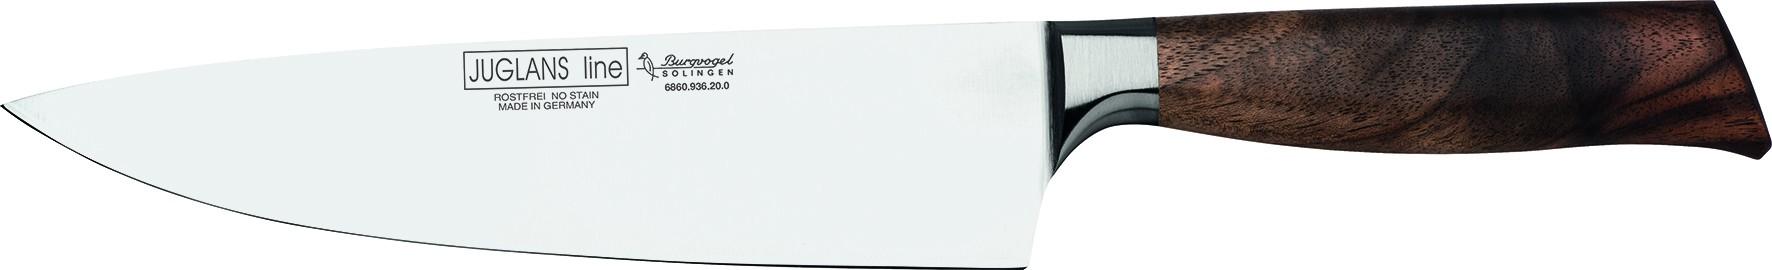 Messer BURGVOGEL Solingen 6860.936.20.0 Juglans Line - Kochen 2